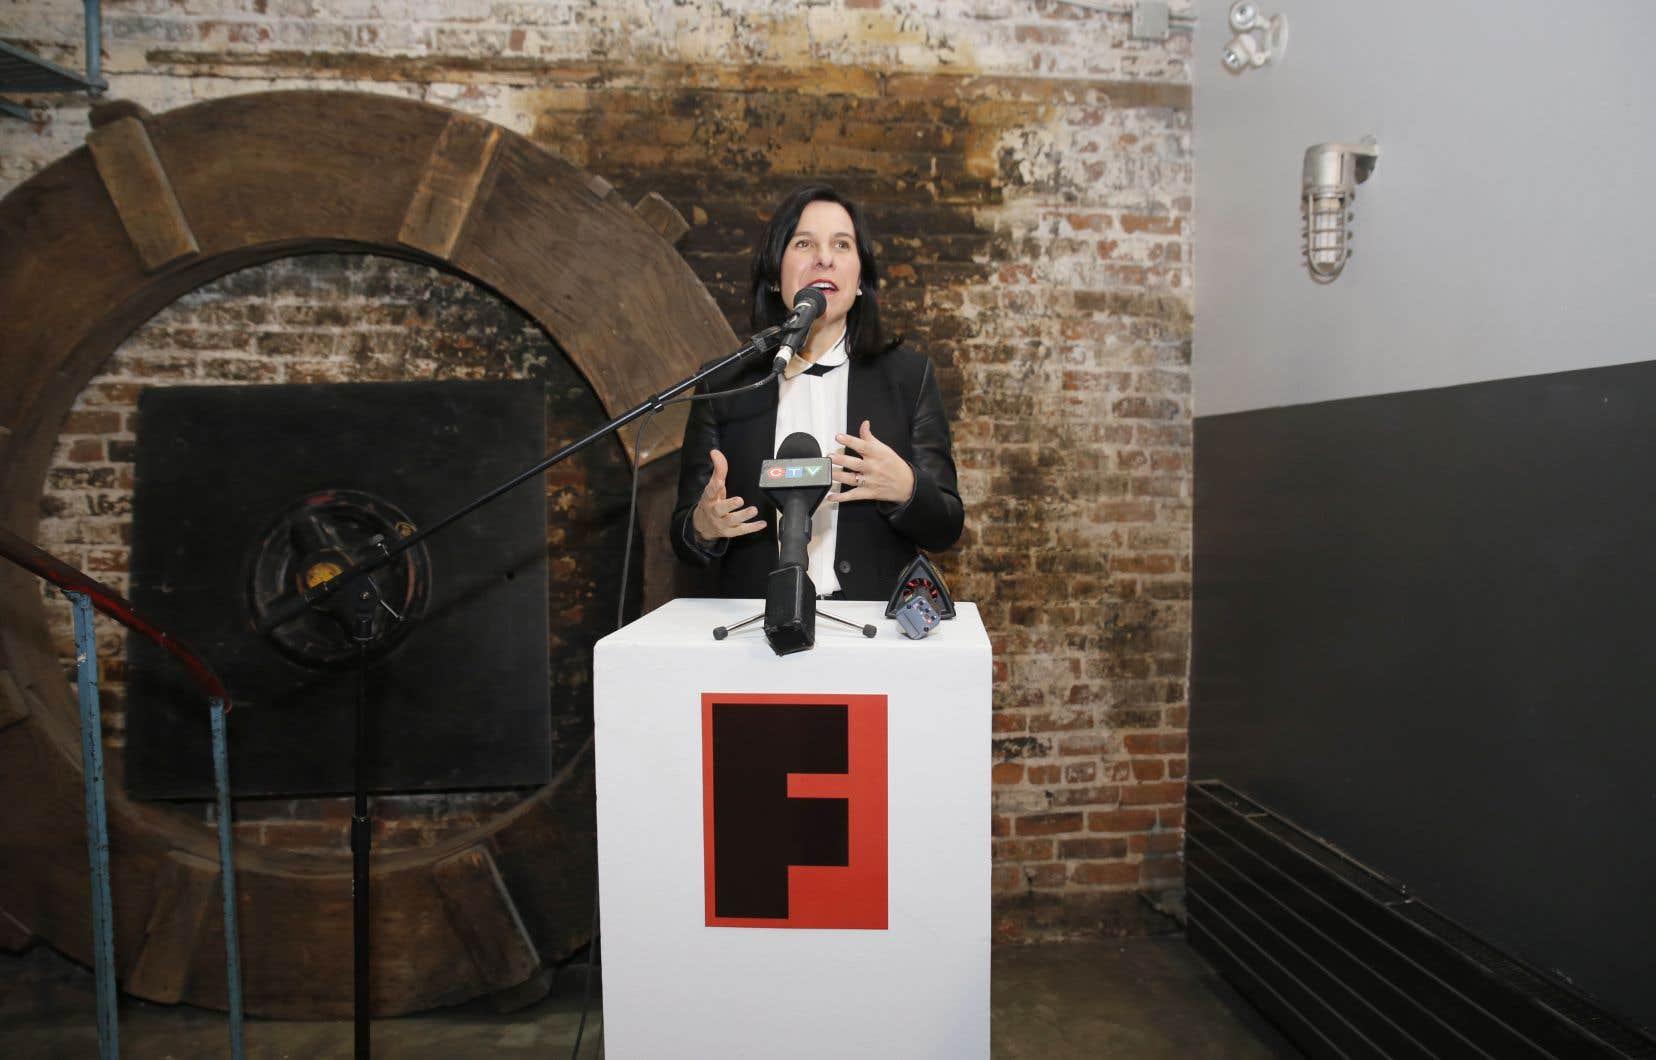 La mairesse de Montréal, Valérie Plante, a prononcé un discours à l'occasion de l'inauguration des nouveaux locaux du centre d'arts visuels.